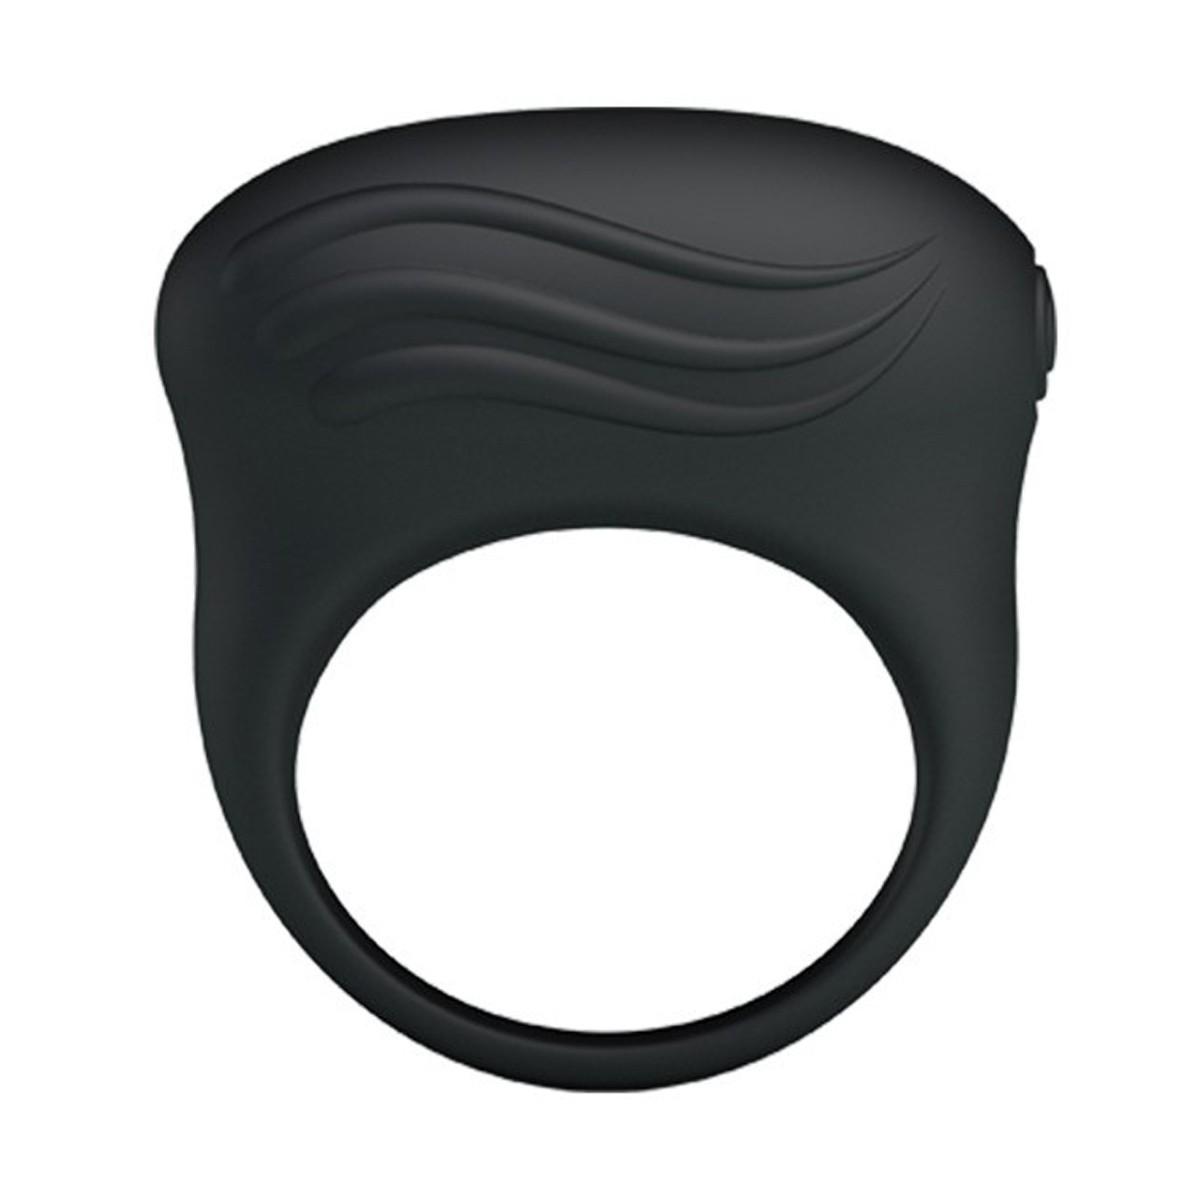 Эрекционное виброкольцо  BERTRAM  с вибропулей, силикон, черное